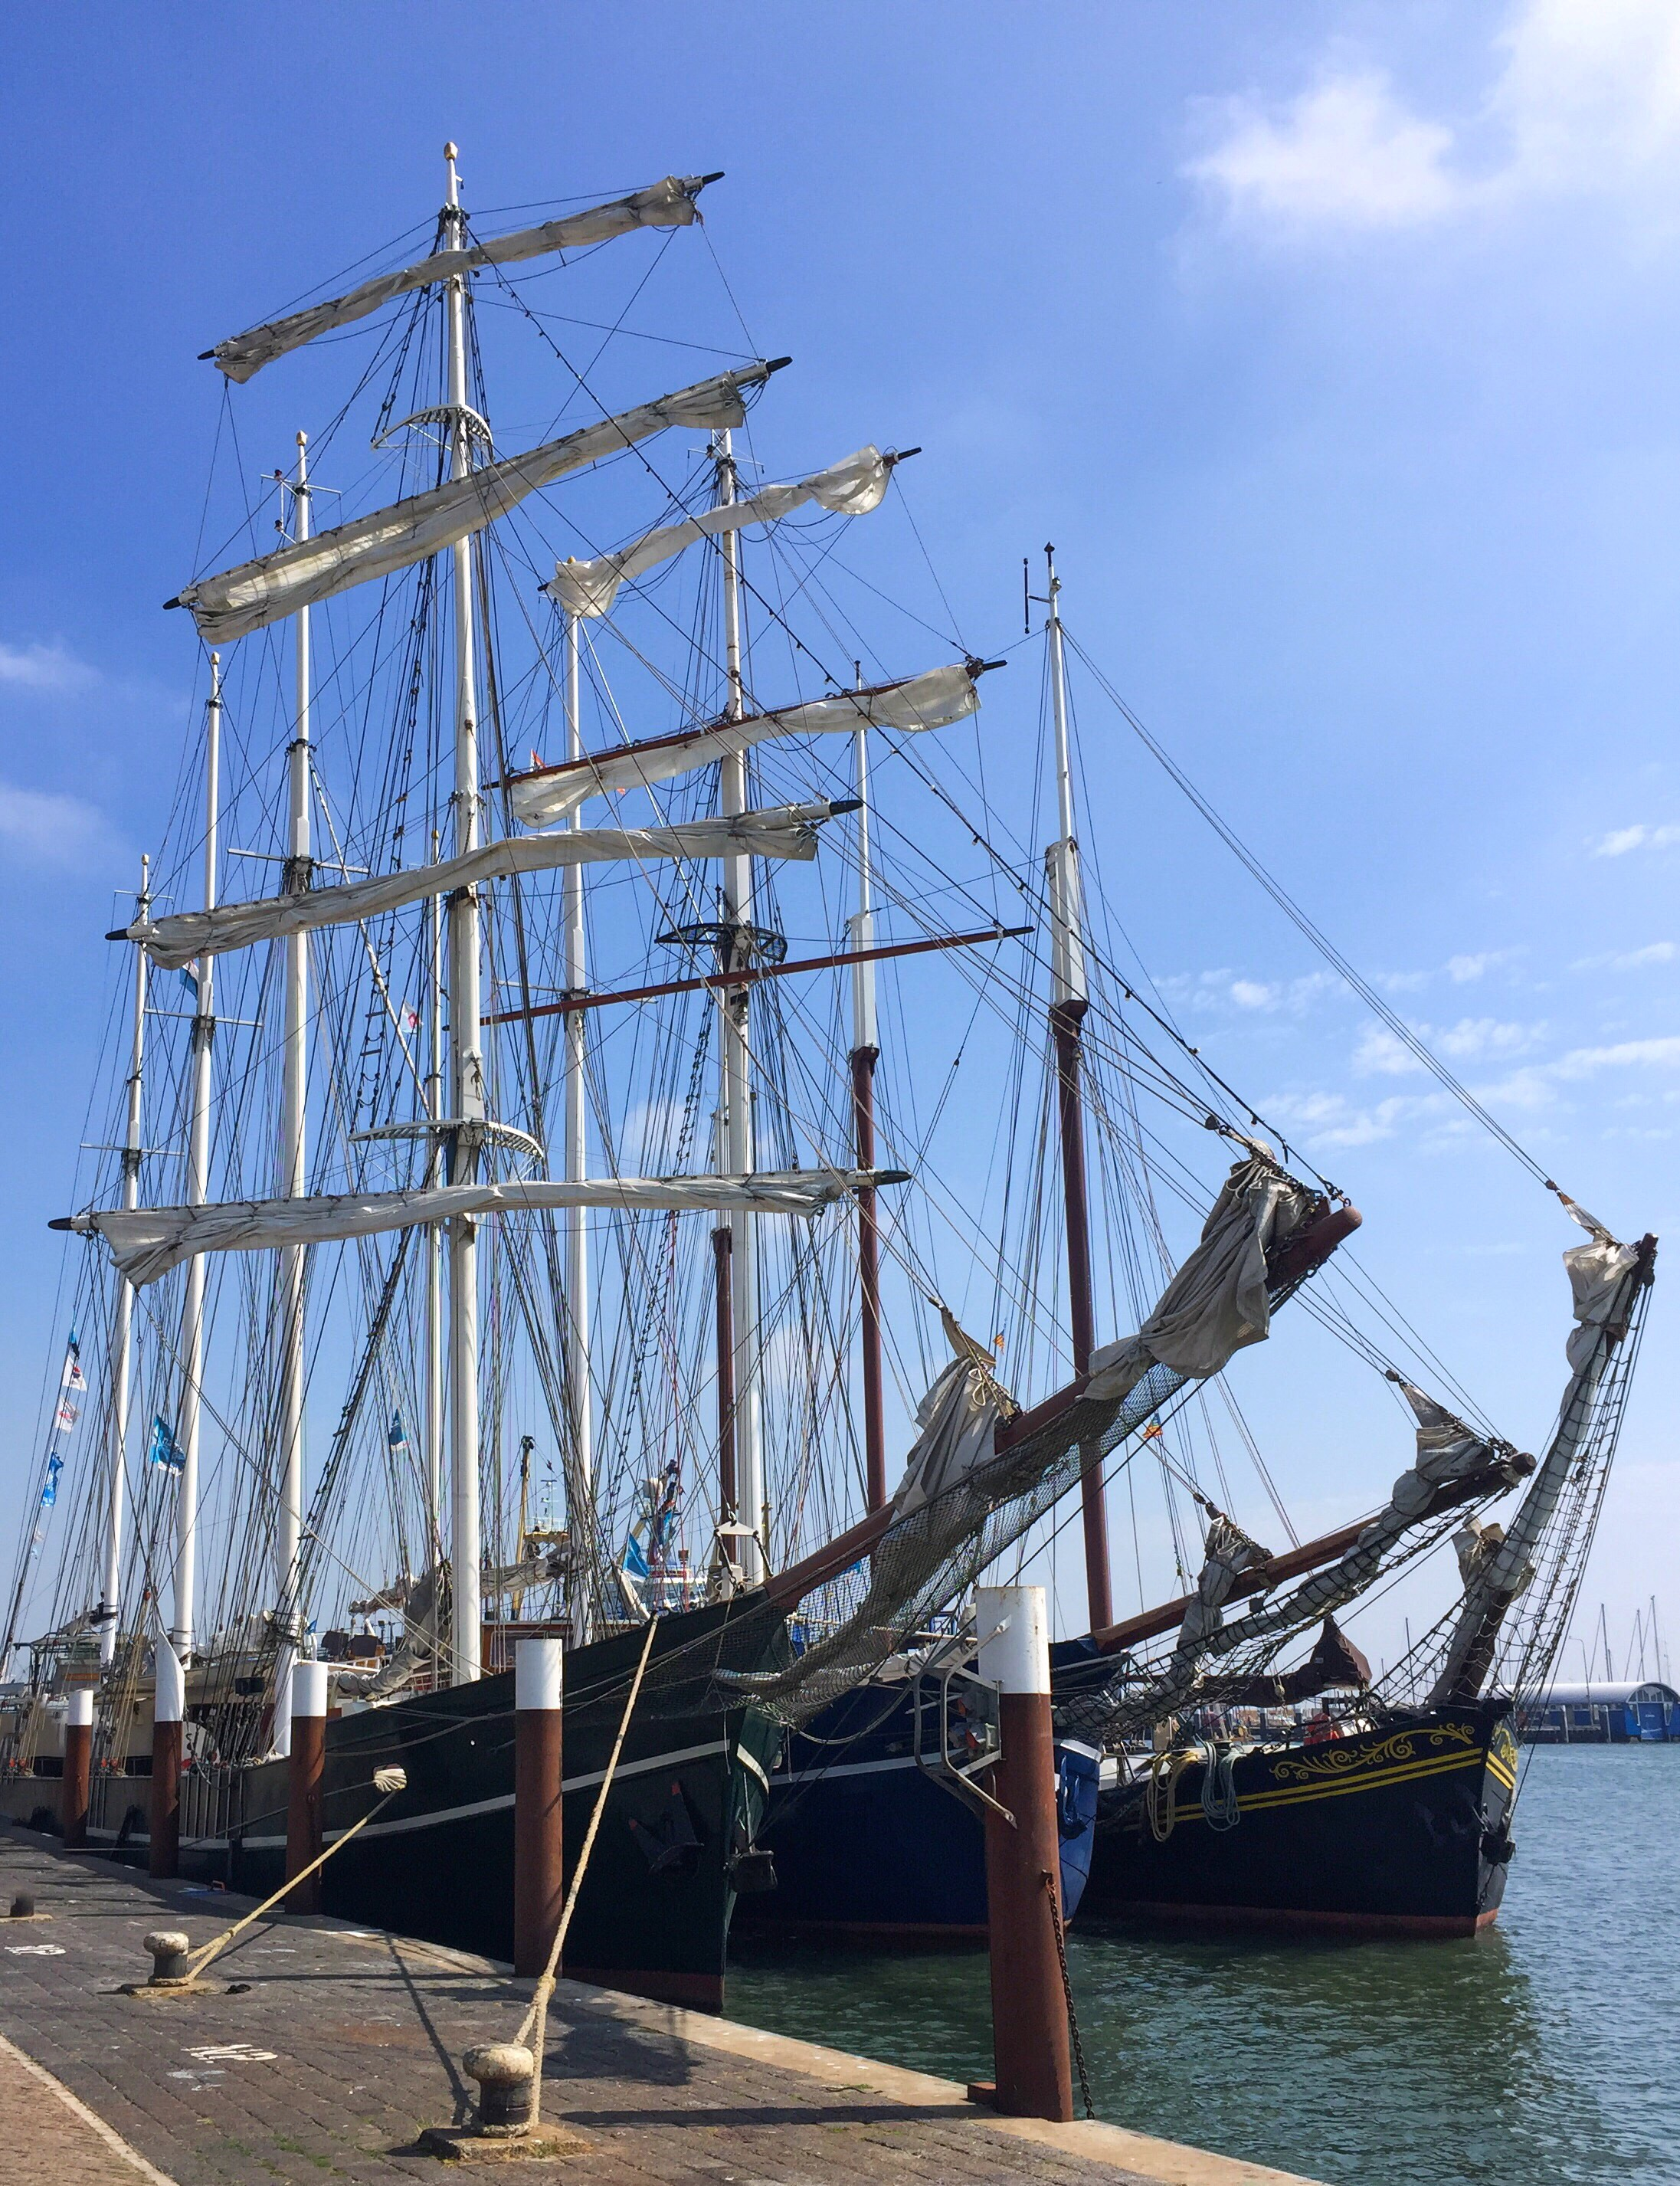 Mooi lijnenspel: 3 schepen met samen 10 masten!